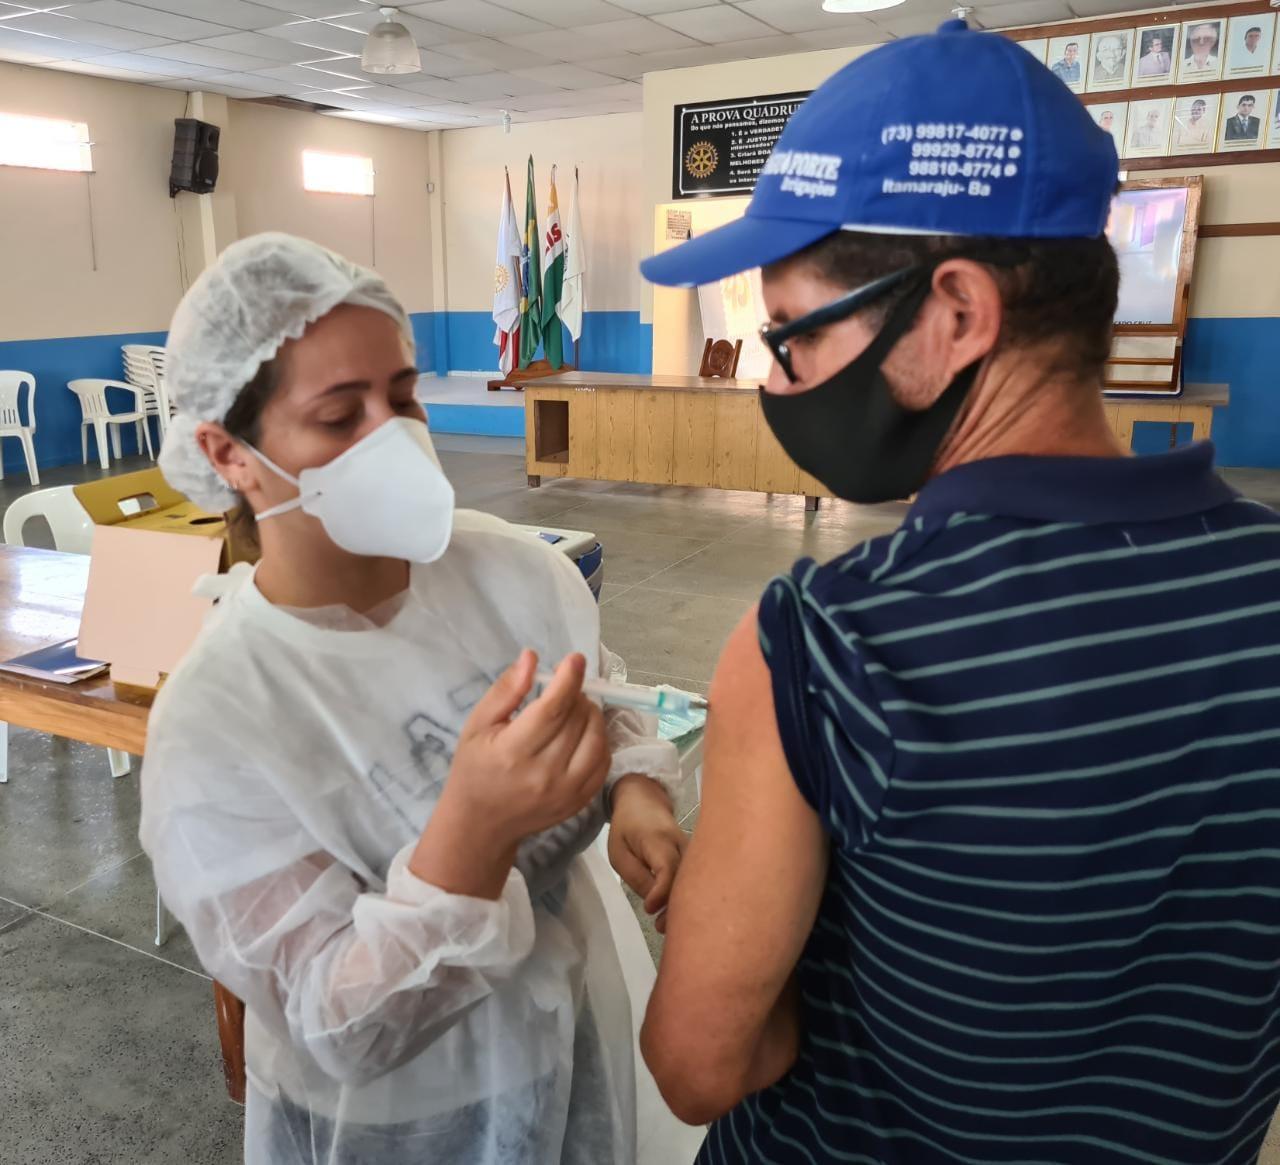 Segunda dose da vacina contra Covid-19 está garantida em Eunápolis 22